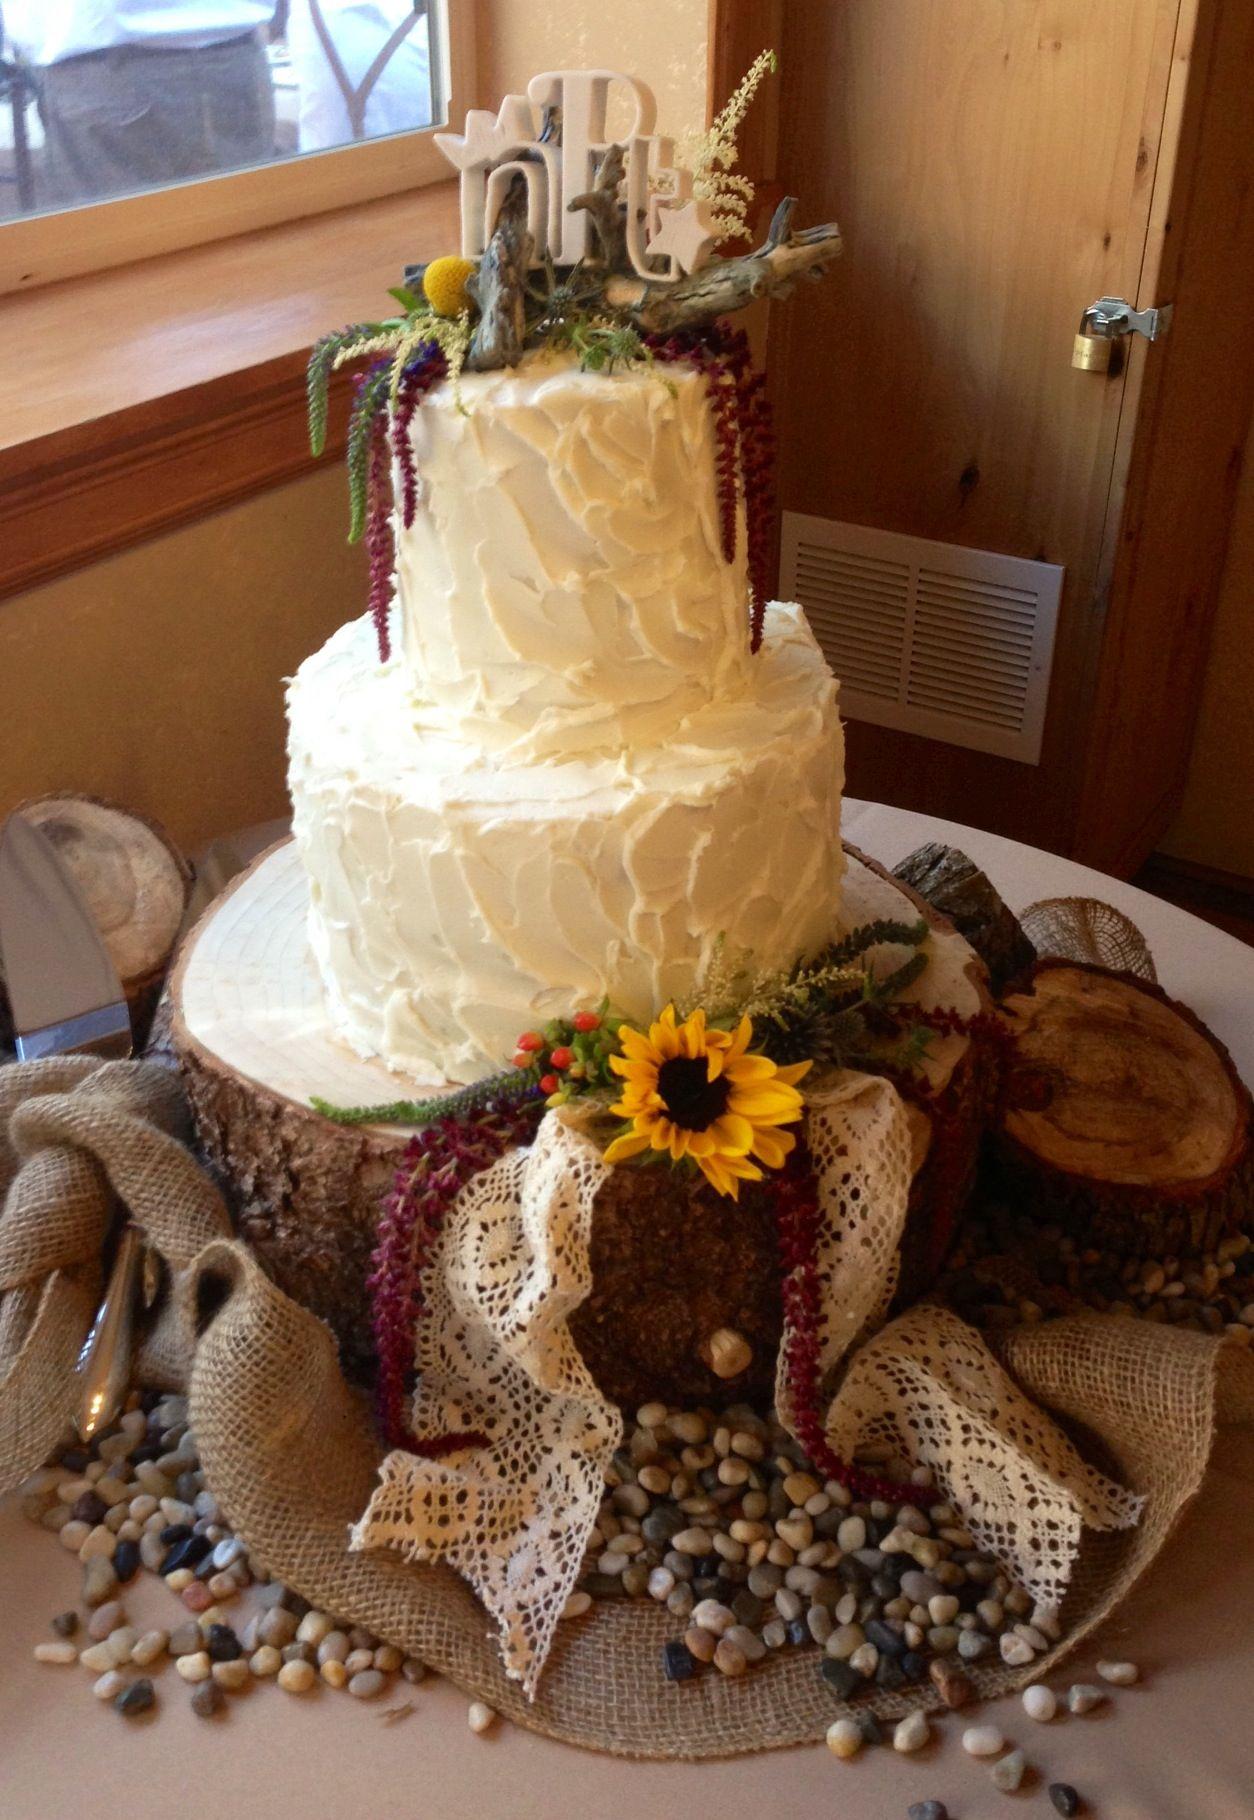 Wedding Cake Ideas For Rustic Wedding : Rustic wedding cake wedding ideas Pinterest